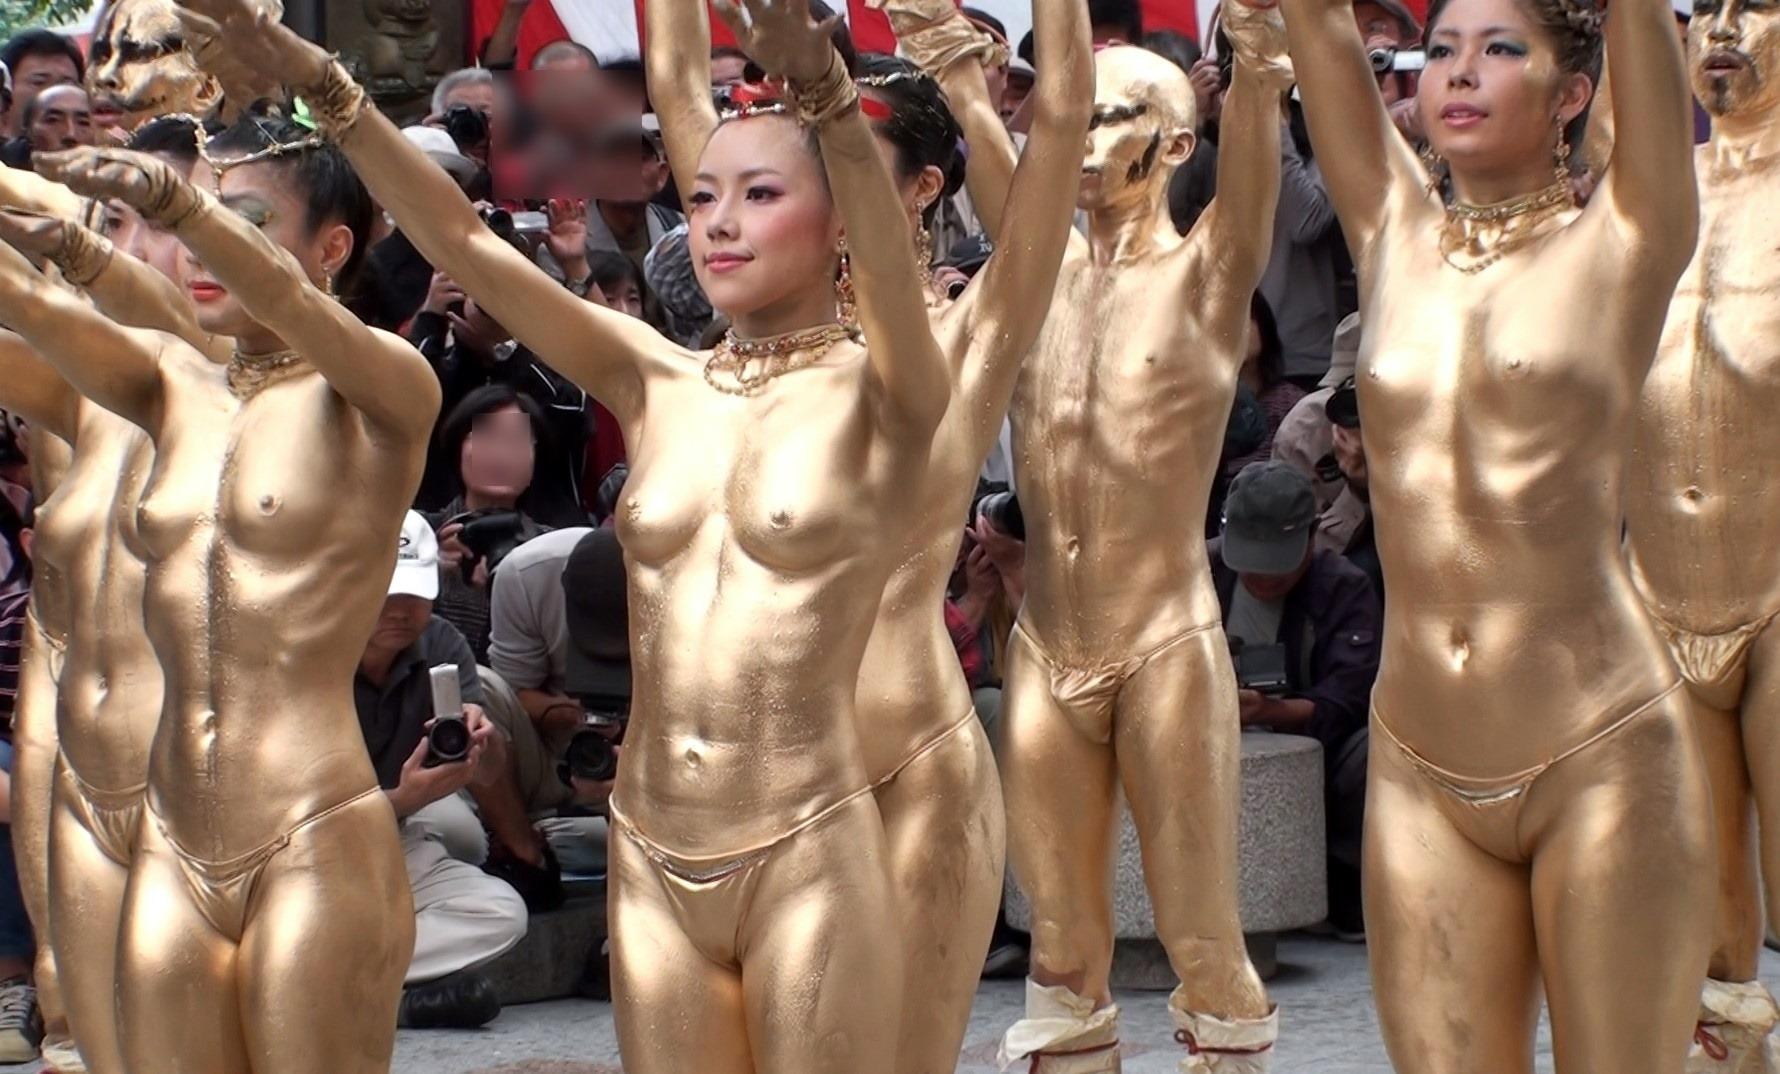 金粉ショー 盗撮 大須大道町人祭のエロい金粉ショーで岡本彩という可愛い娘さんのオッパイが揺れまくってる動画www